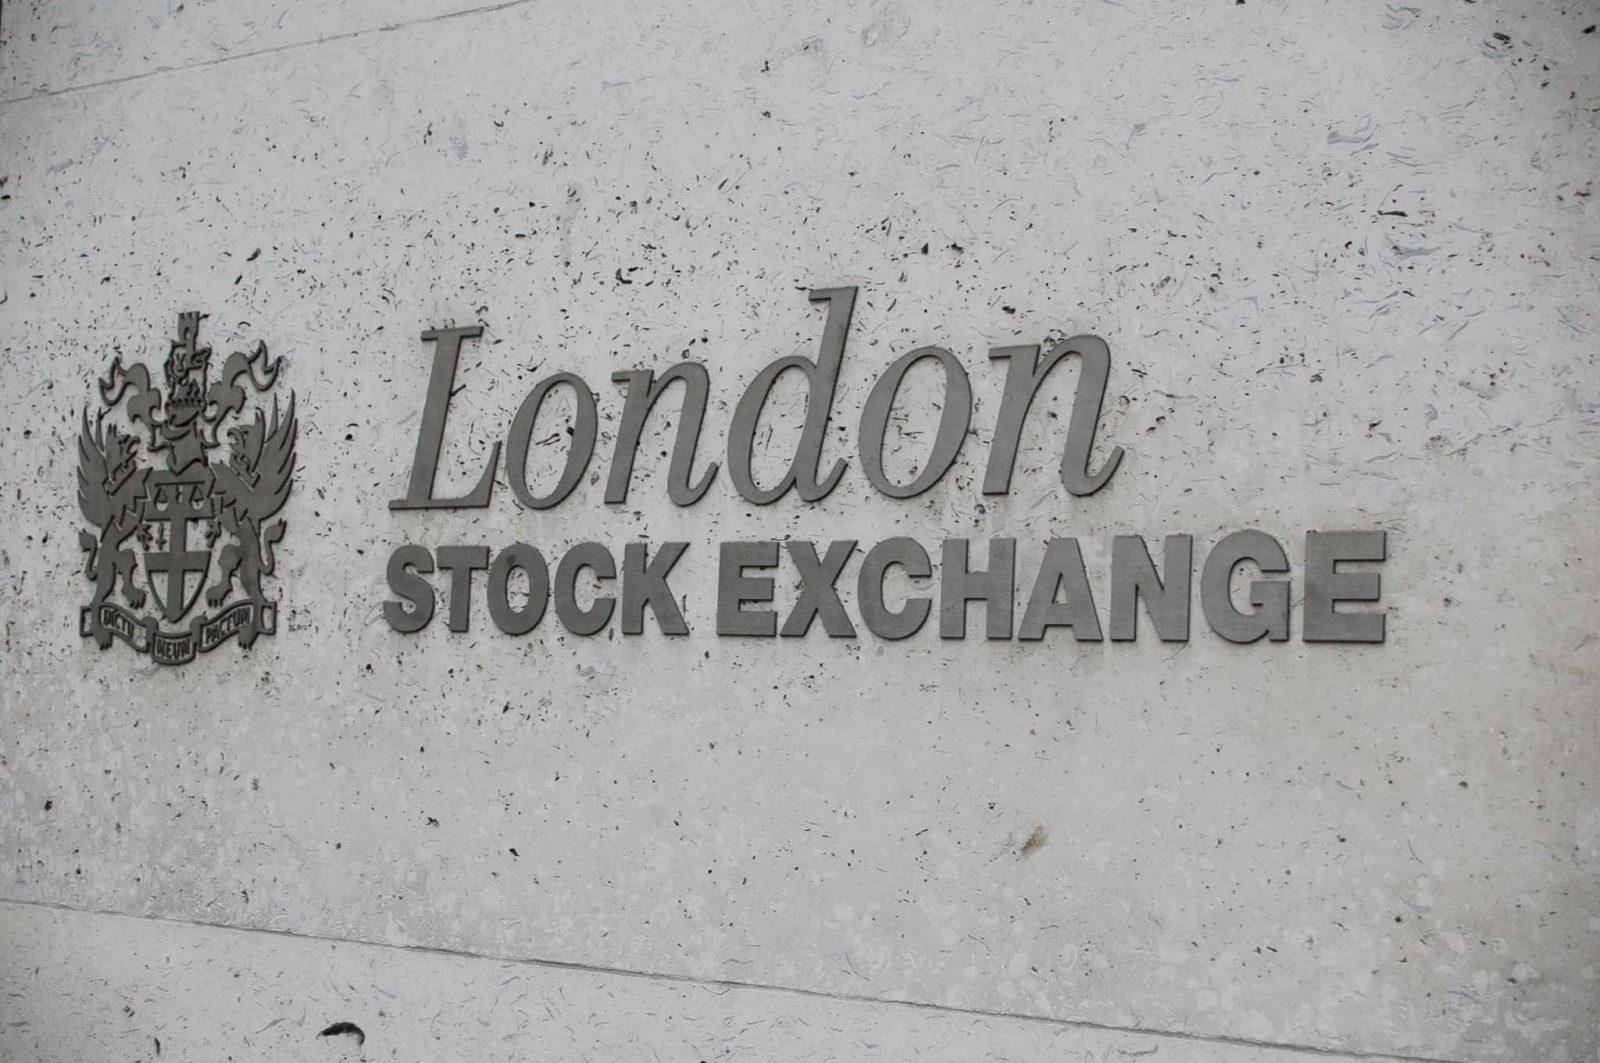 La Bourse de Londres refuse l'offre d'achat de la Bourse de Hong Kong